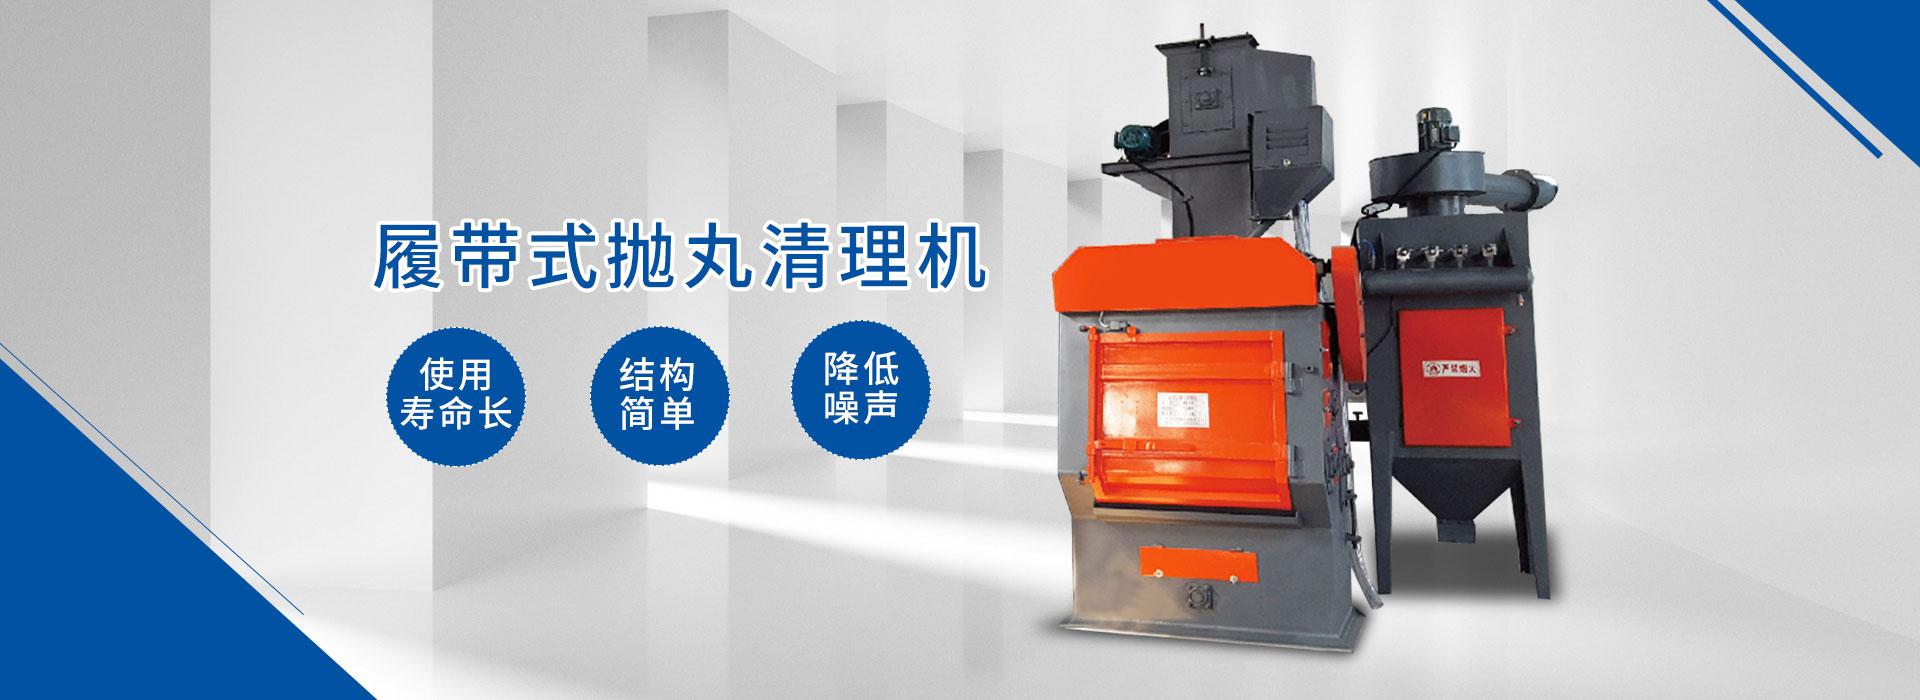 江苏丽丰铸造机械科技有限公司